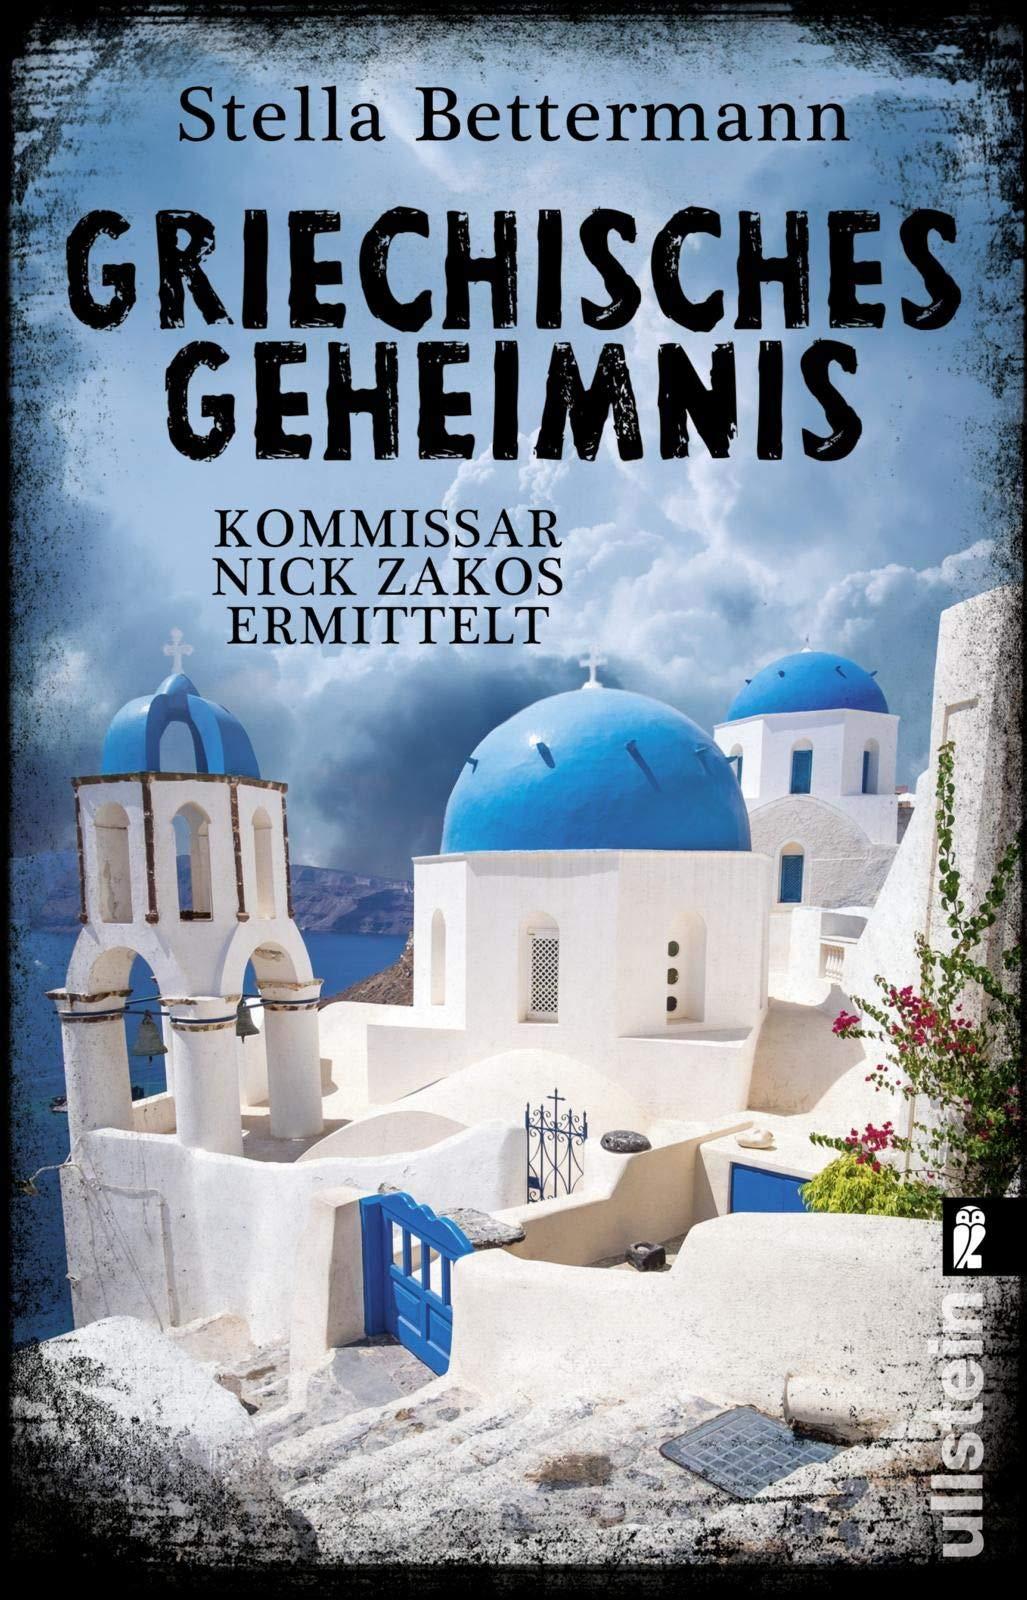 Griechisches Geheimnis (Nick-Zakos-Krimi Band 3)